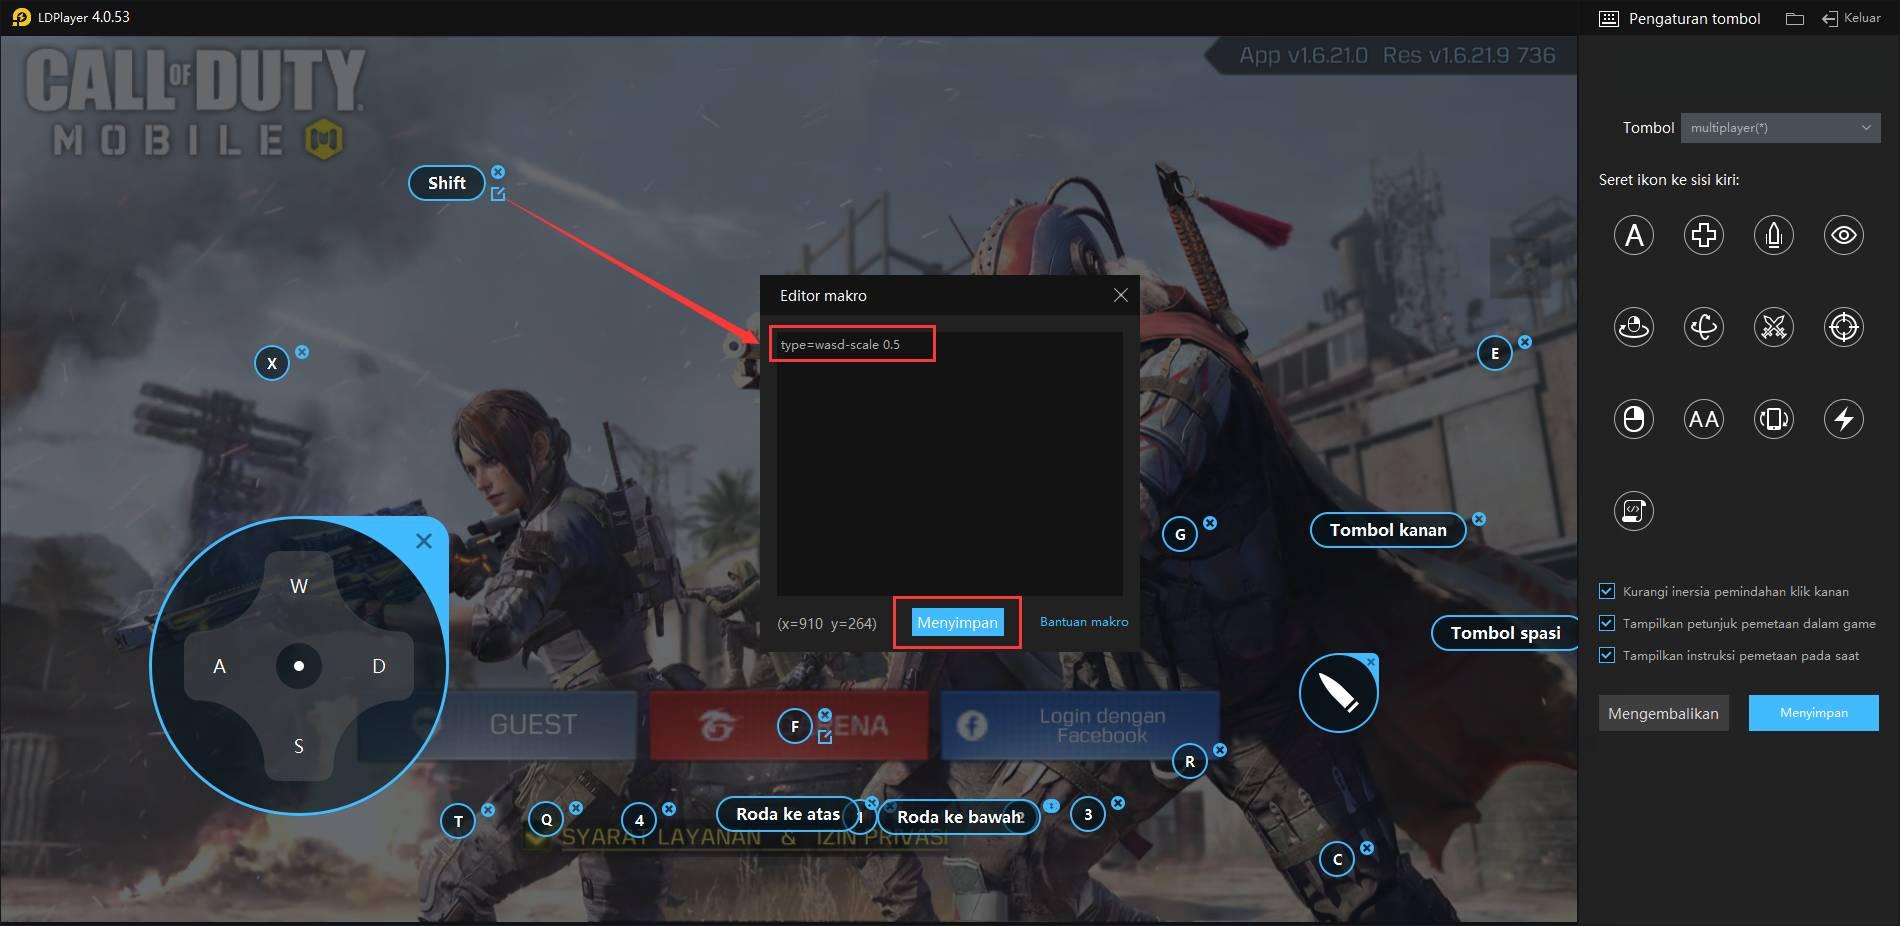 Mendukung Standoff 2 Call of Duty PUBG dan permainan lainnya fitur perjalan pelan.